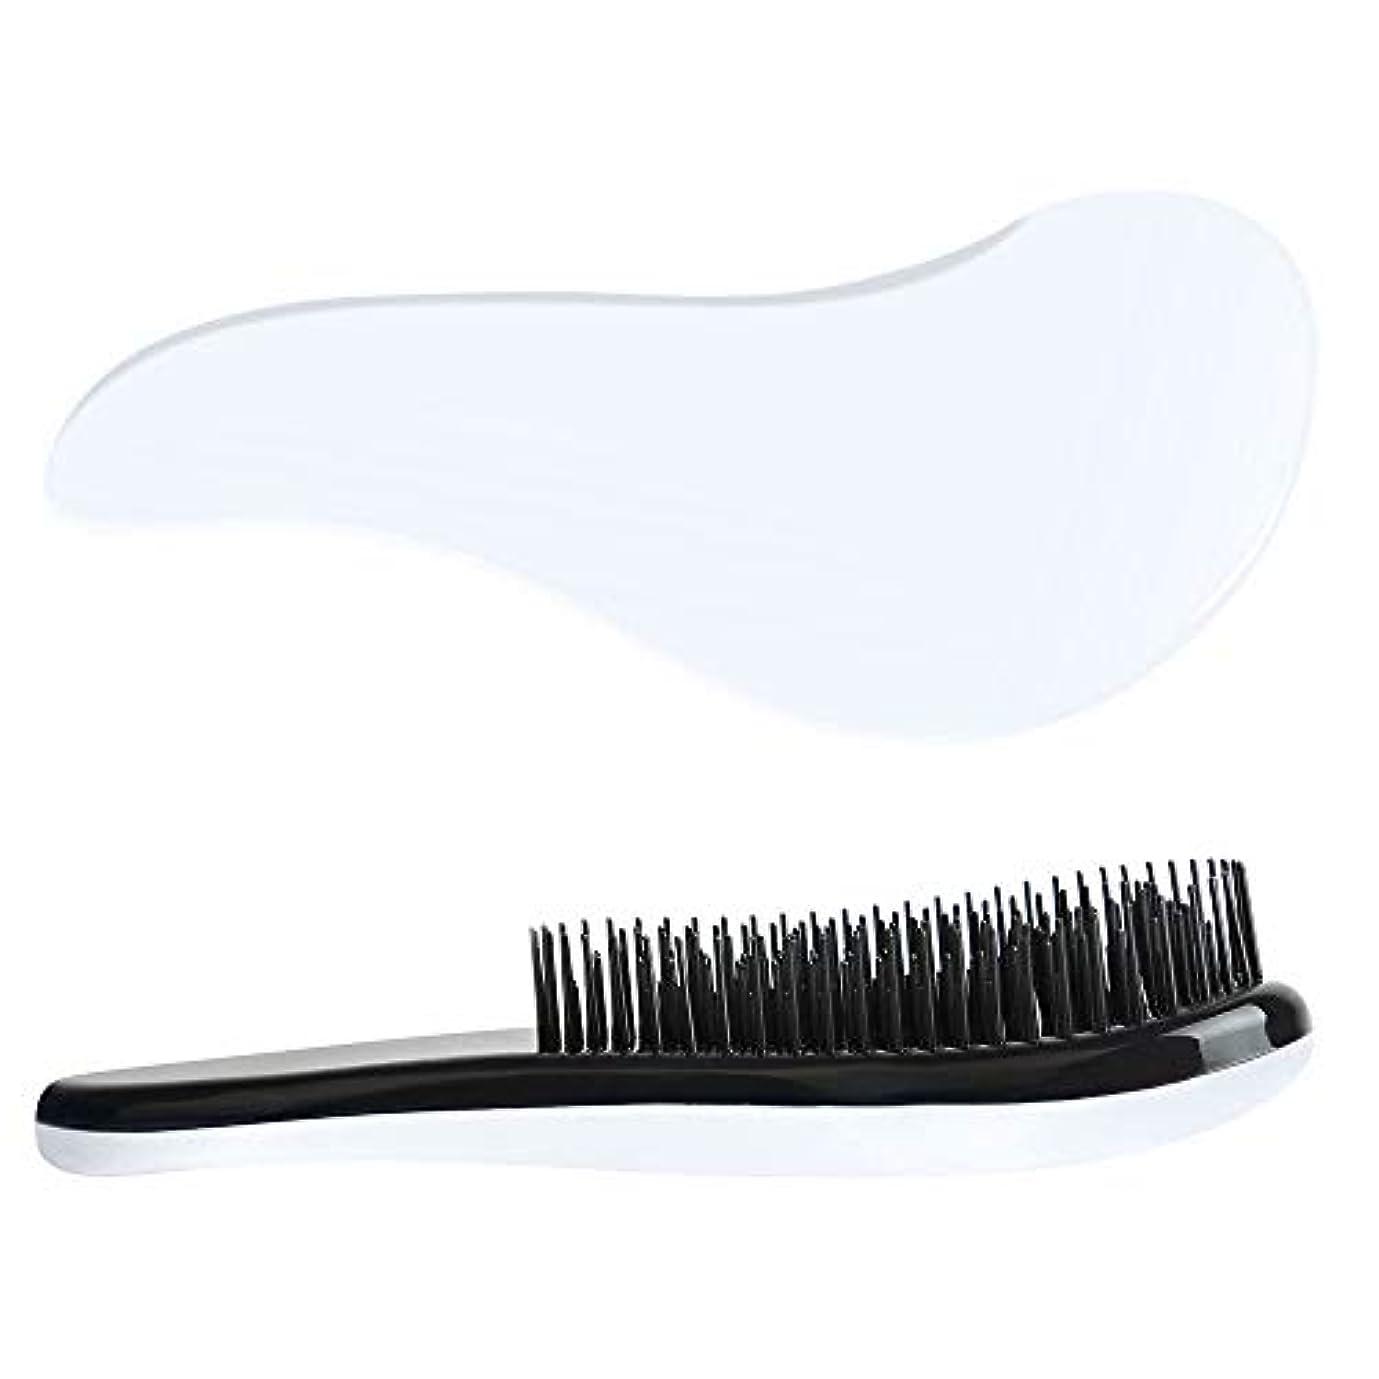 襲撃ミット助手大人のプラスチック毛の櫛の小さい毛のまっすぐな毛の櫛の毛の櫛かブラシ、 ヘアケア (Color : 6)